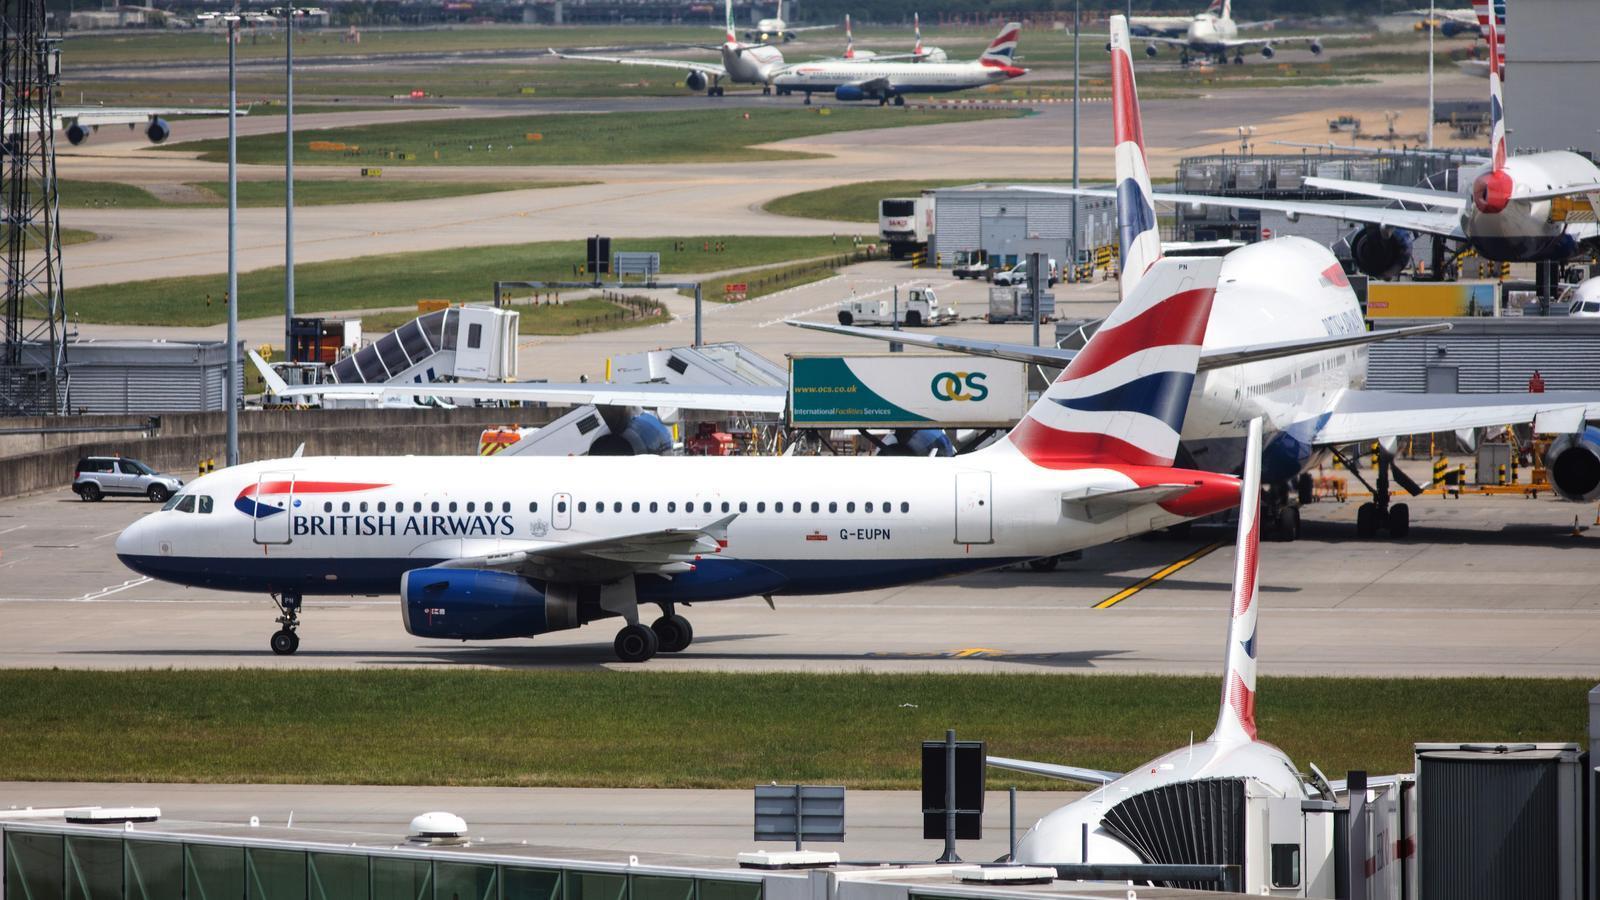 British Airways cancel·la 16 vols aquest cap de setmana per la vaga al Prat